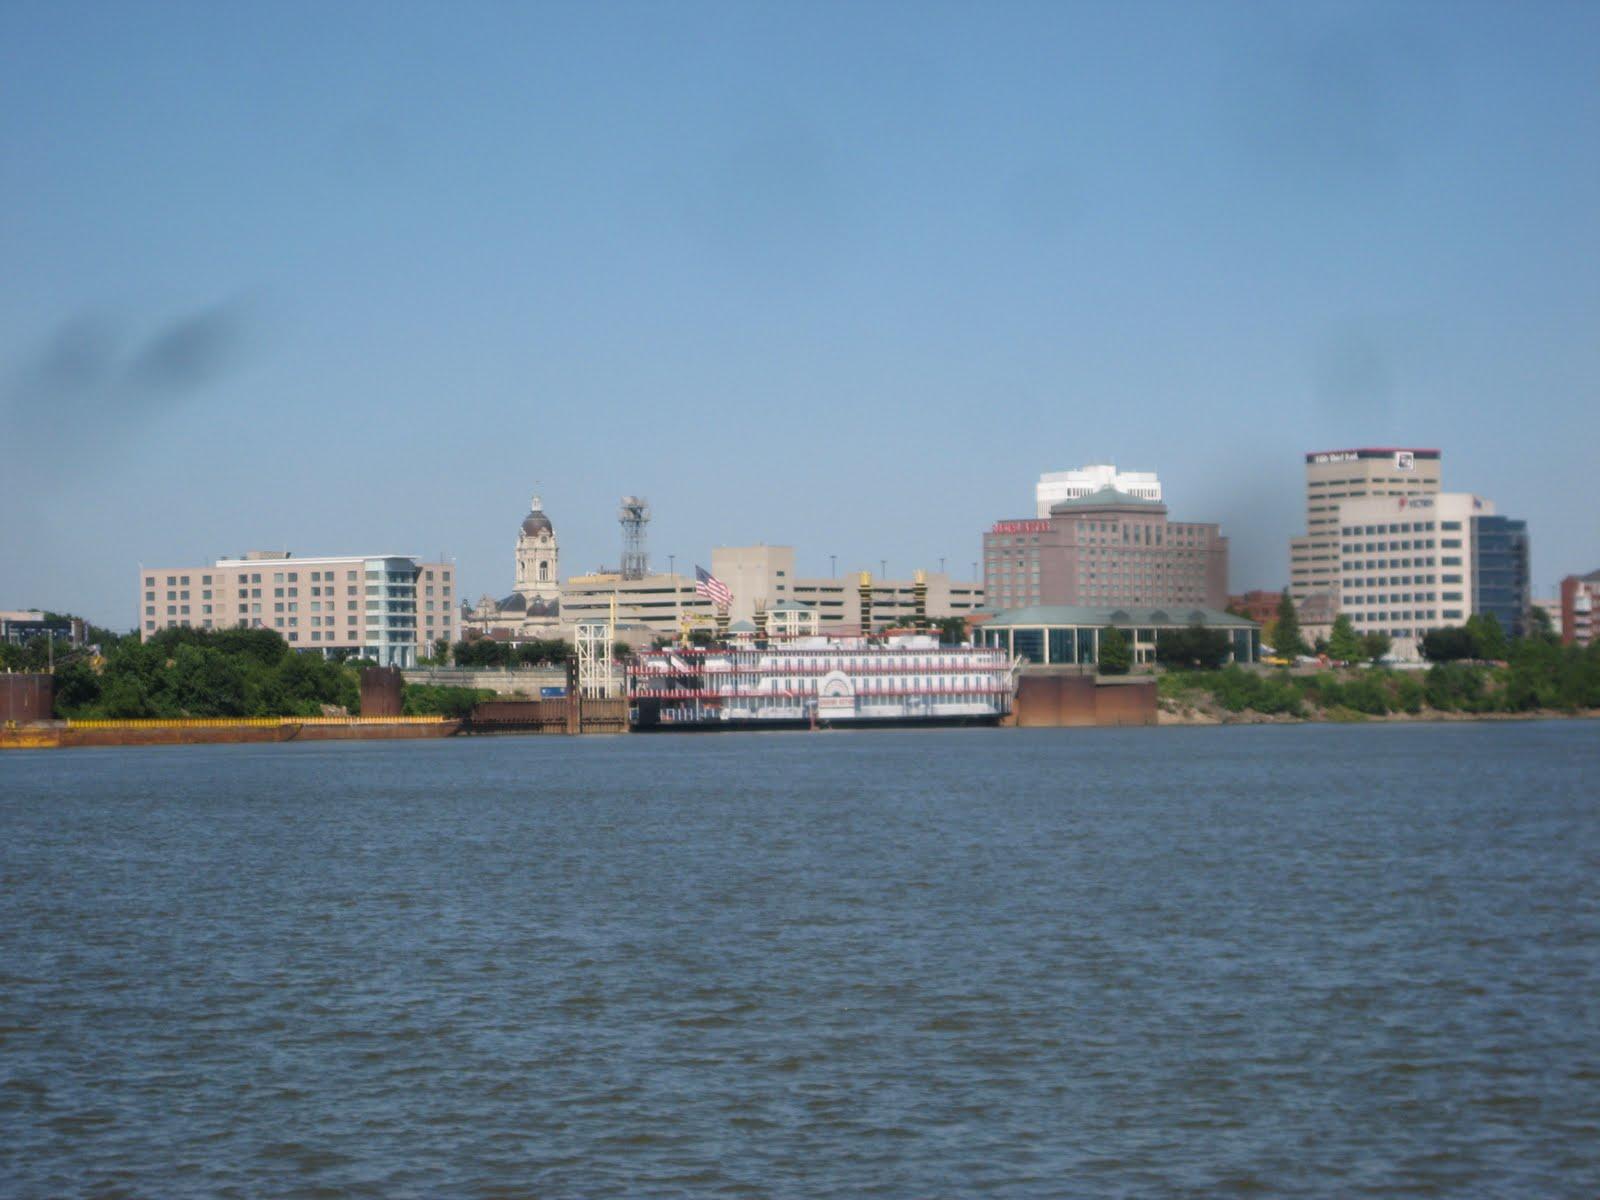 City Of Evansville Water